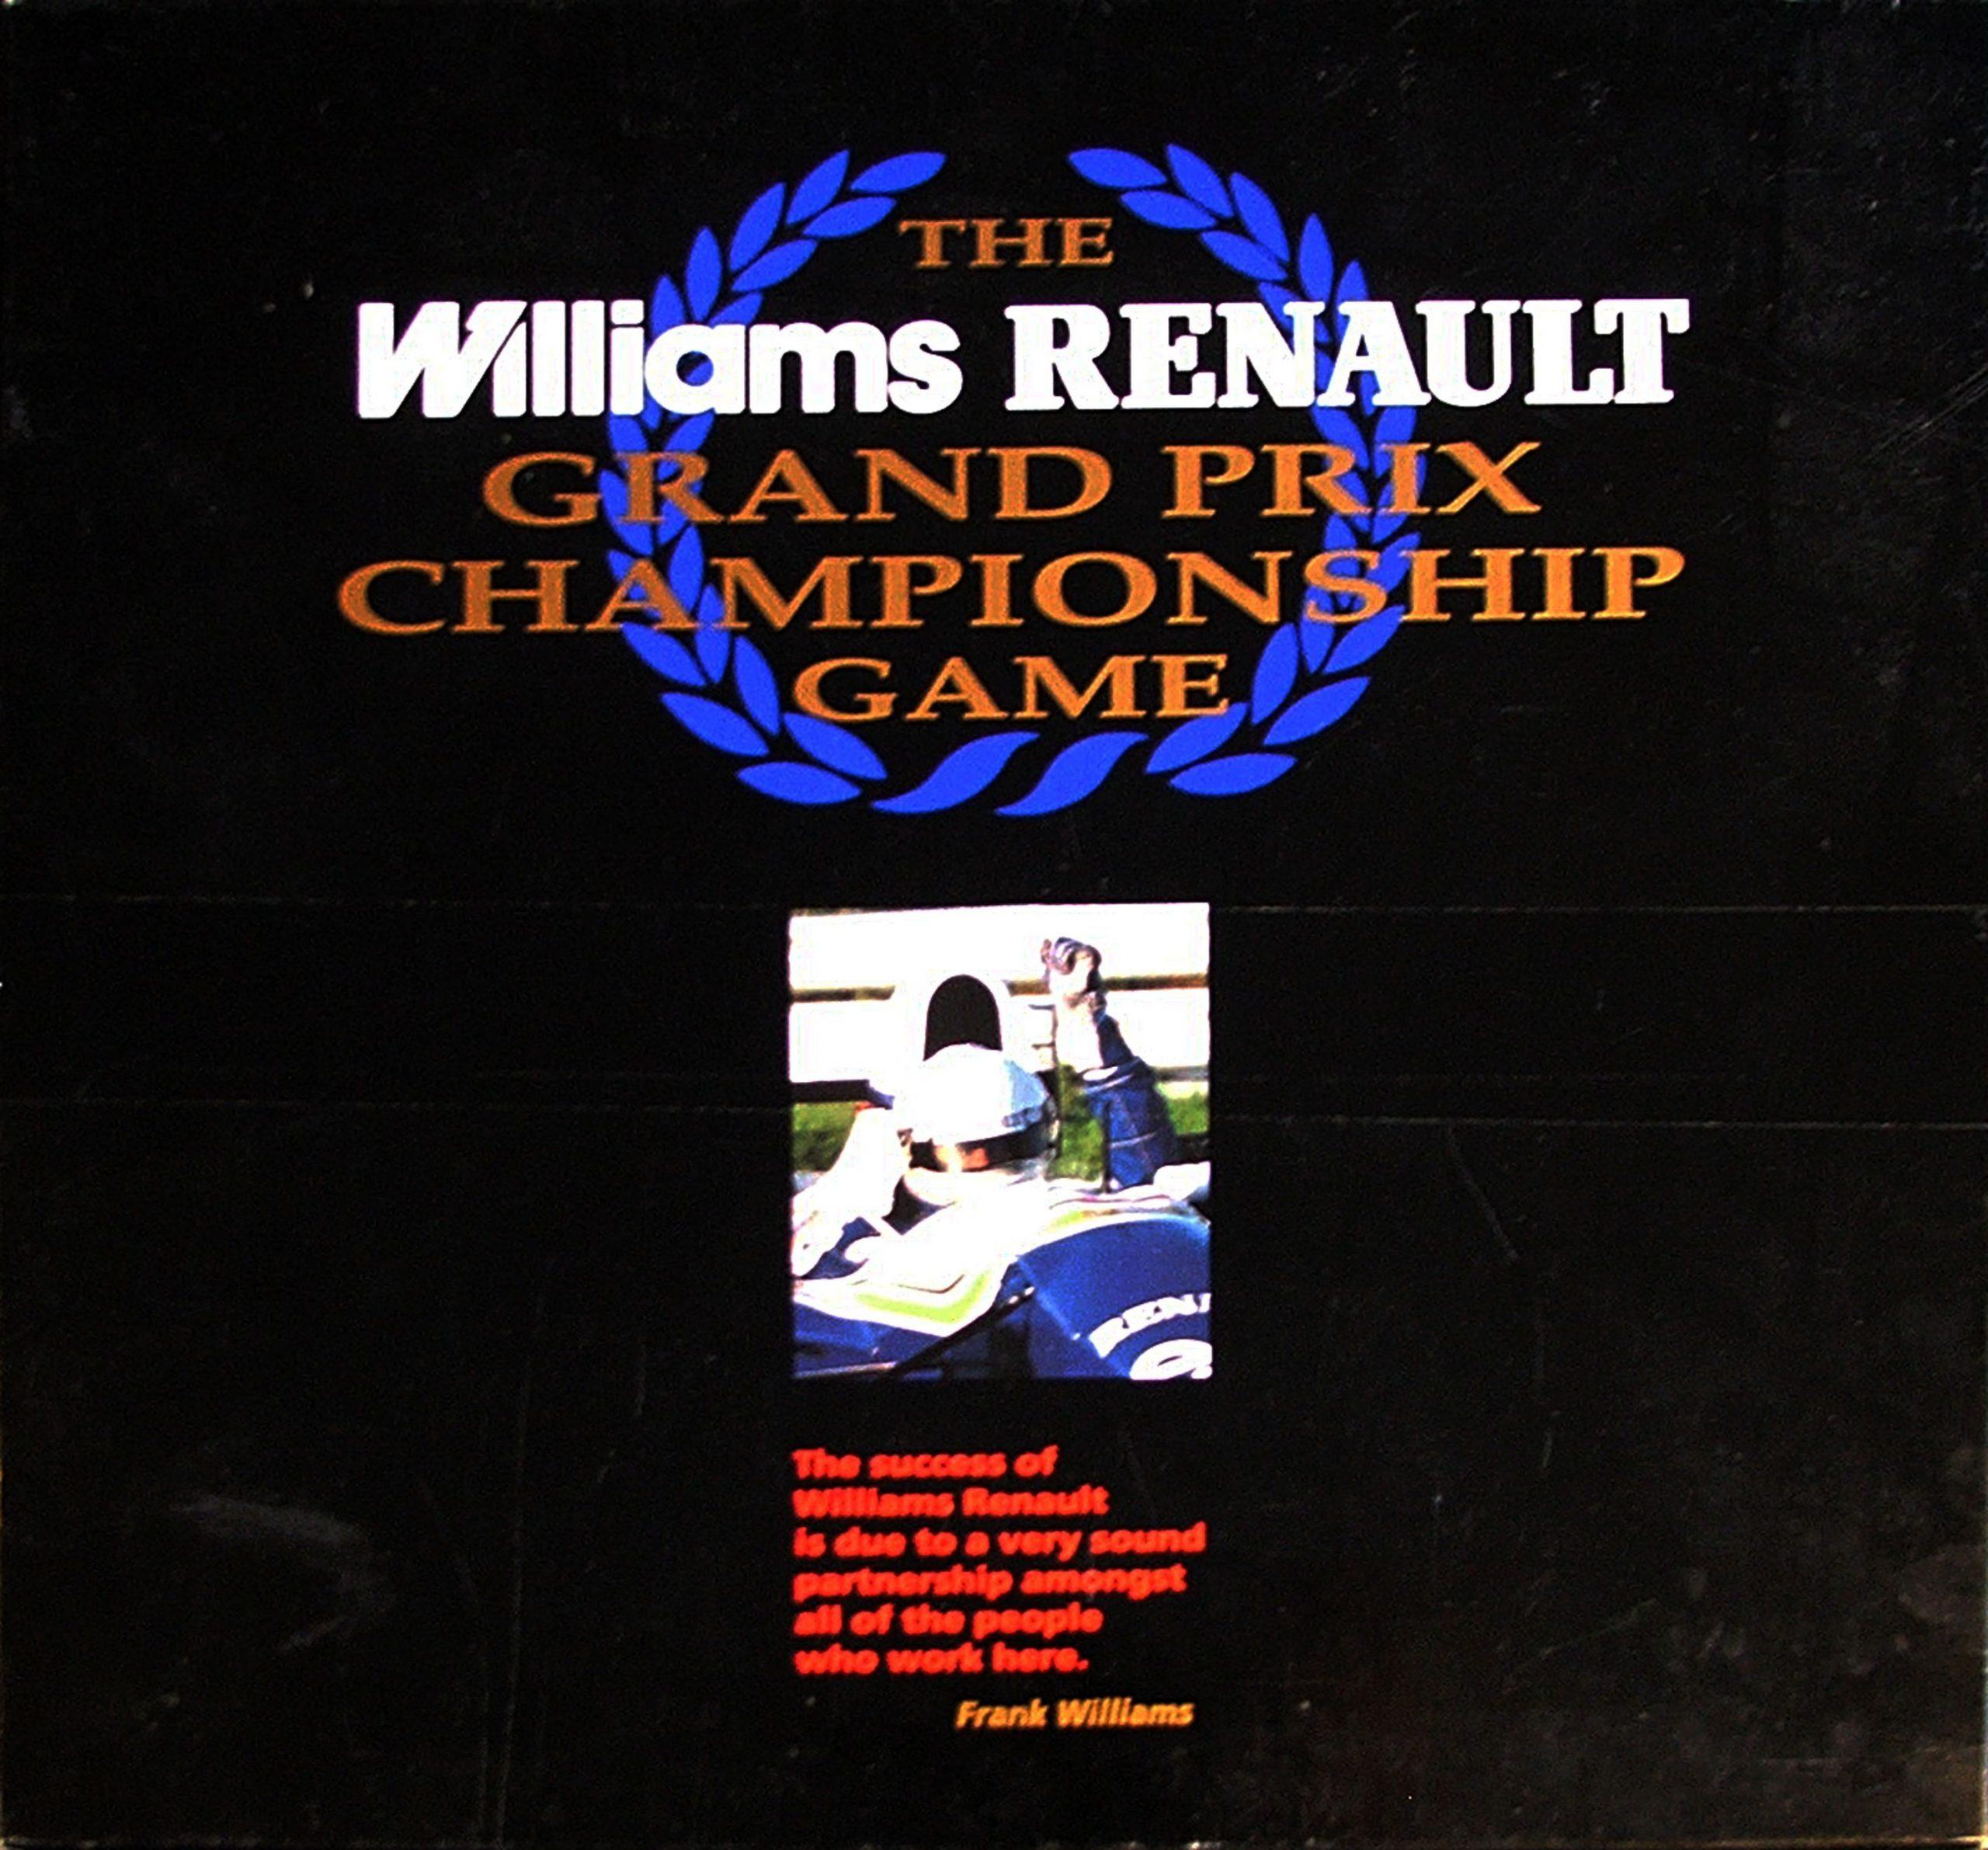 настольная игра Williams Renault Grand Prix Championship